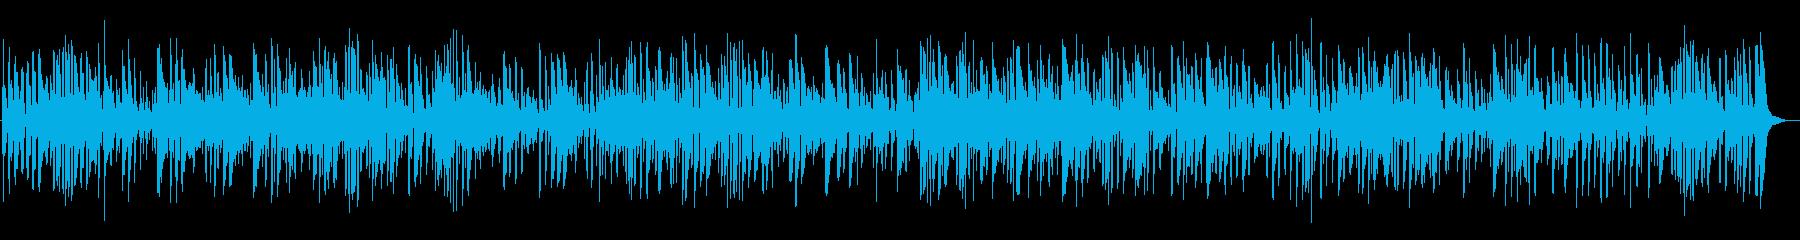 爽やかスウィング疾走感ジャズピアノトリオの再生済みの波形